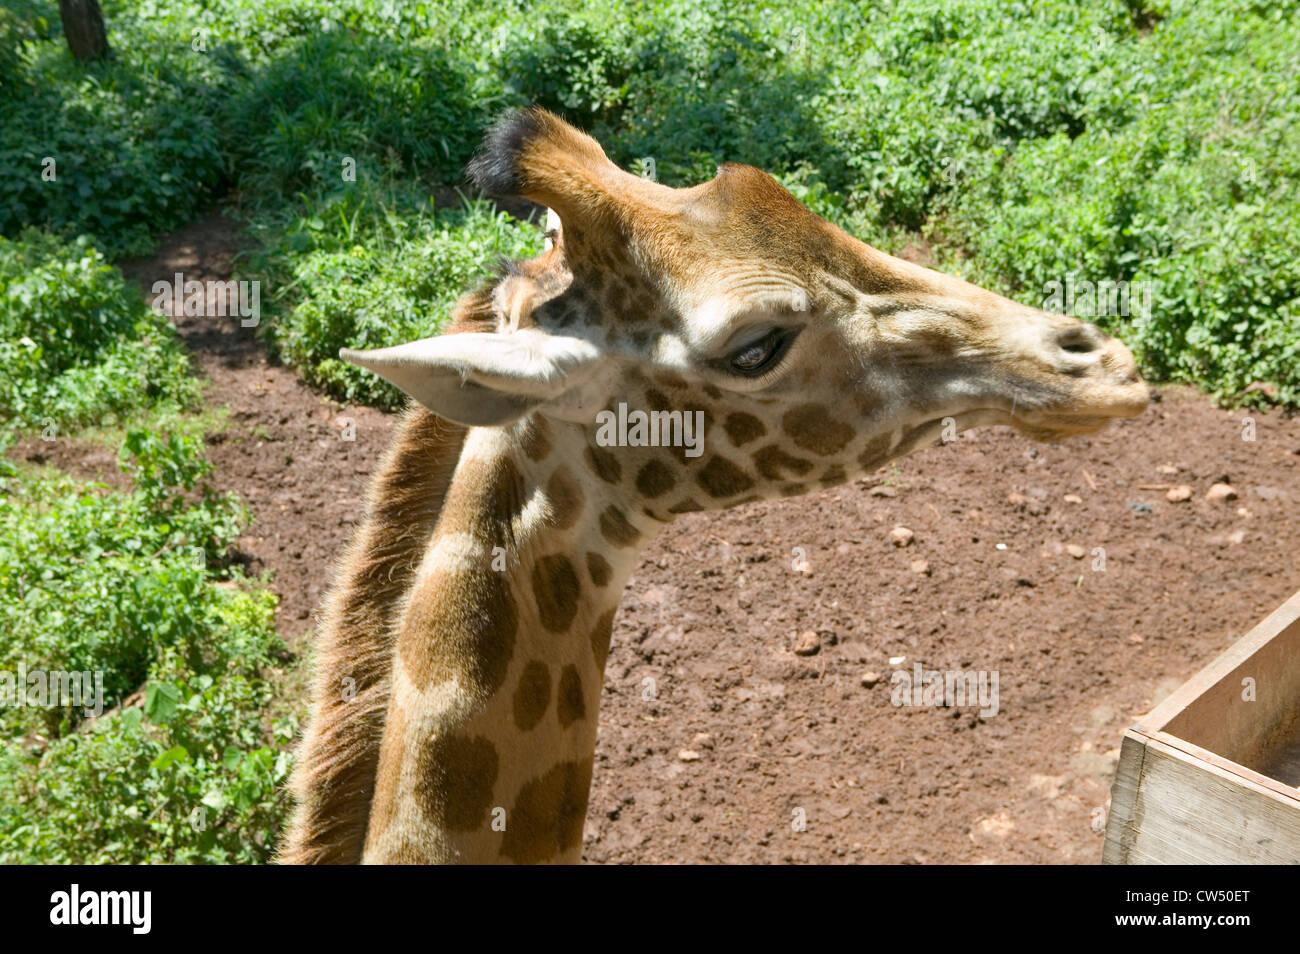 Mano alimenta la cabeza de la jirafa Rothschild Fondo Africano de fauna silvestre en peligro de extinción Giraffe Center cerca de Parque Nacional Nairobi Nairobi Foto de stock